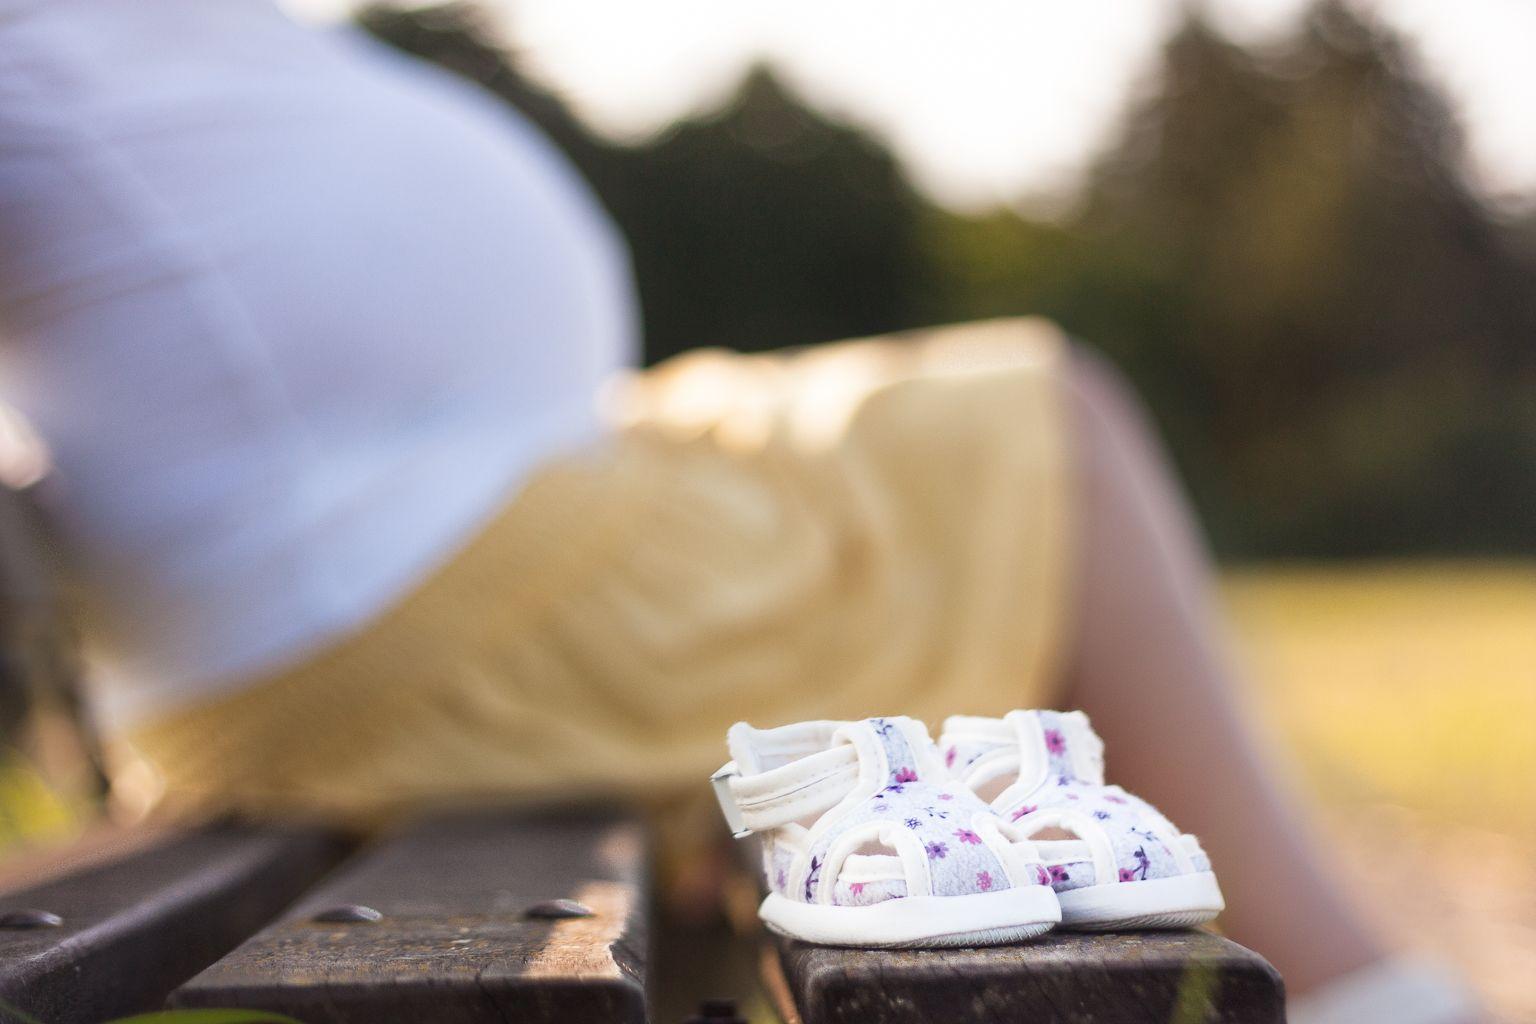 babybauch shooting mit domenique ideen babybauch pinterest baby bauch weg und babybauch. Black Bedroom Furniture Sets. Home Design Ideas